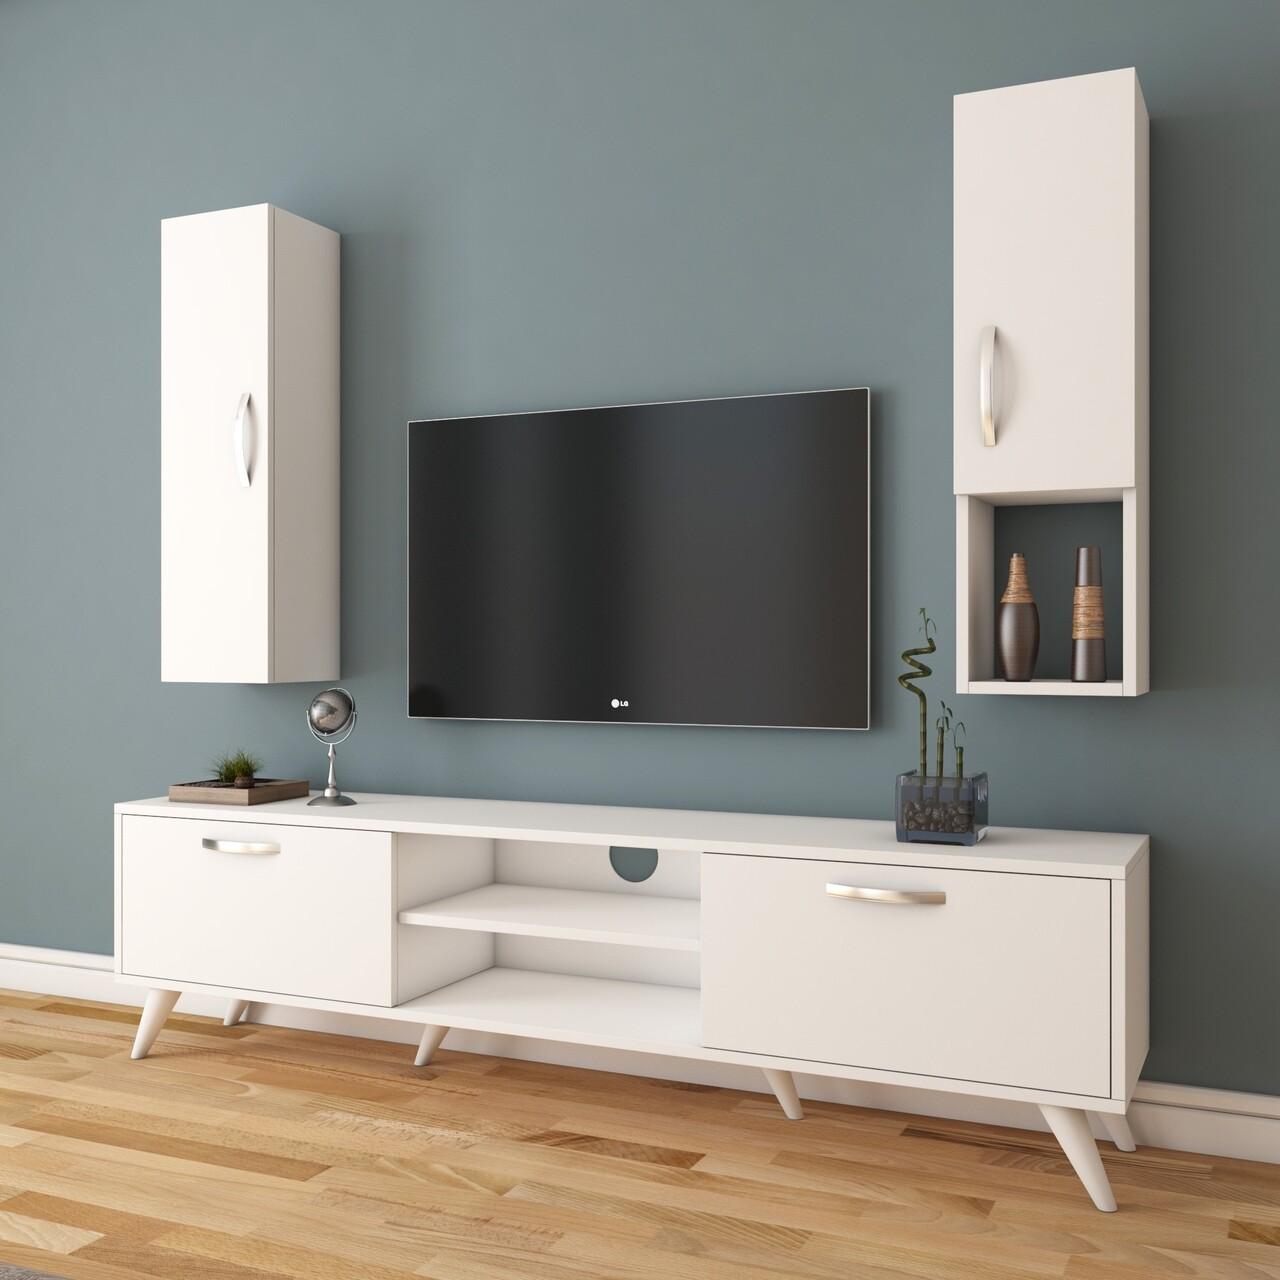 Comoda TV cu 2 cabinete M21 - 271, Wren, 180 x 35 x 48.6 cm/90 cm, white